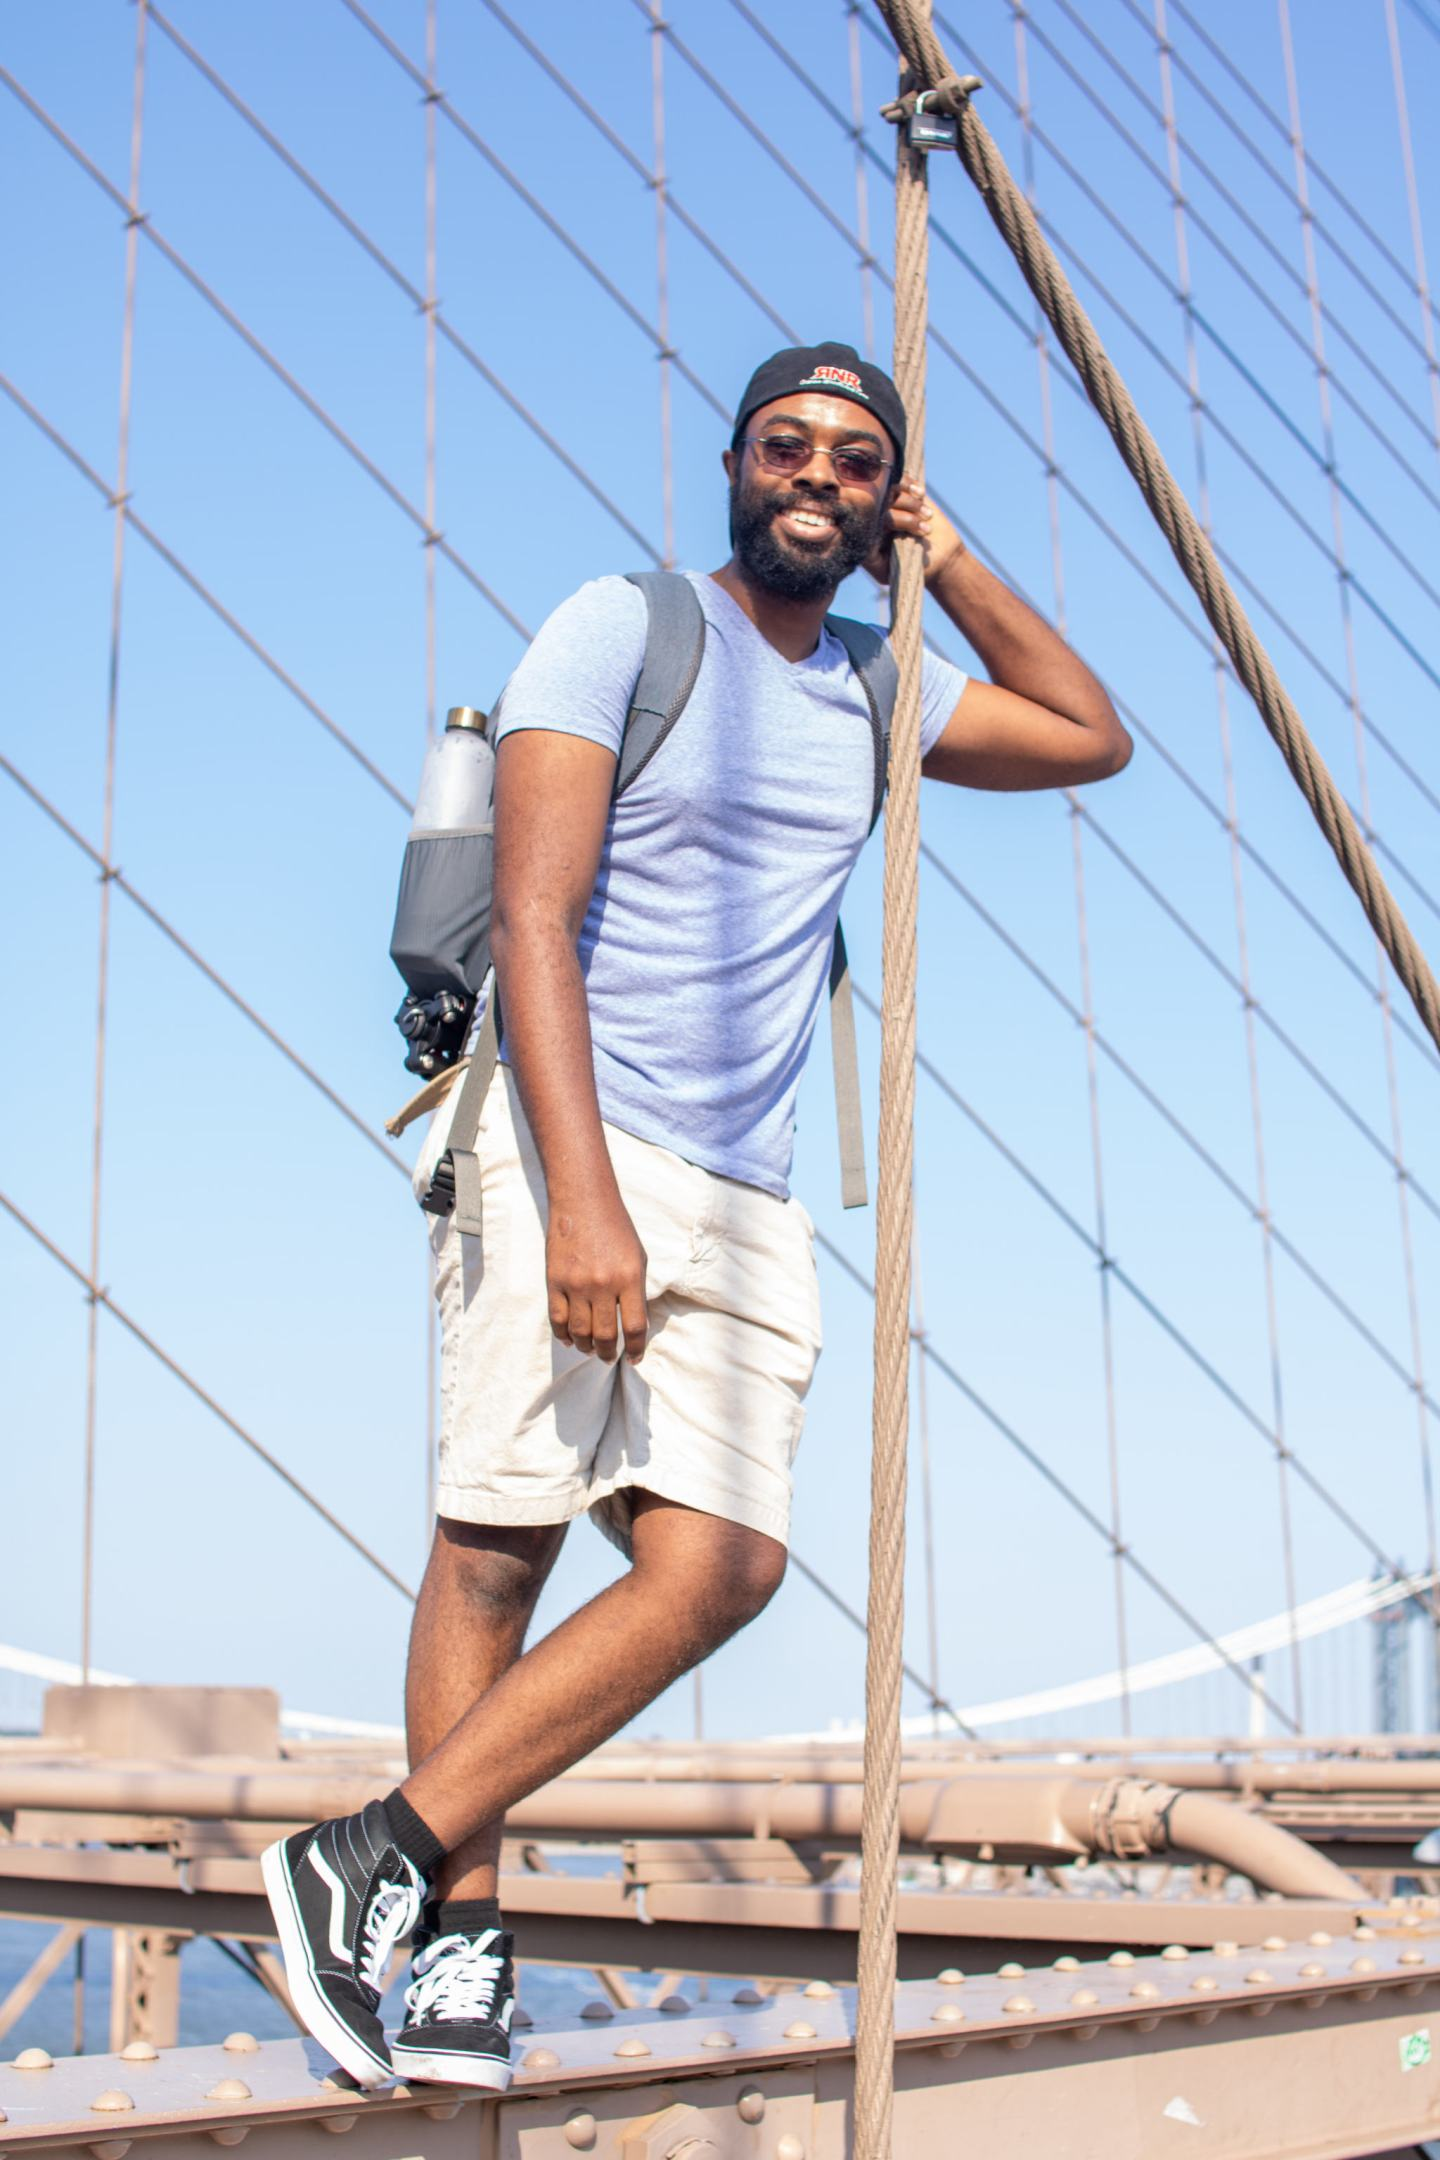 chris standing on Brooklyn bridge in nyc